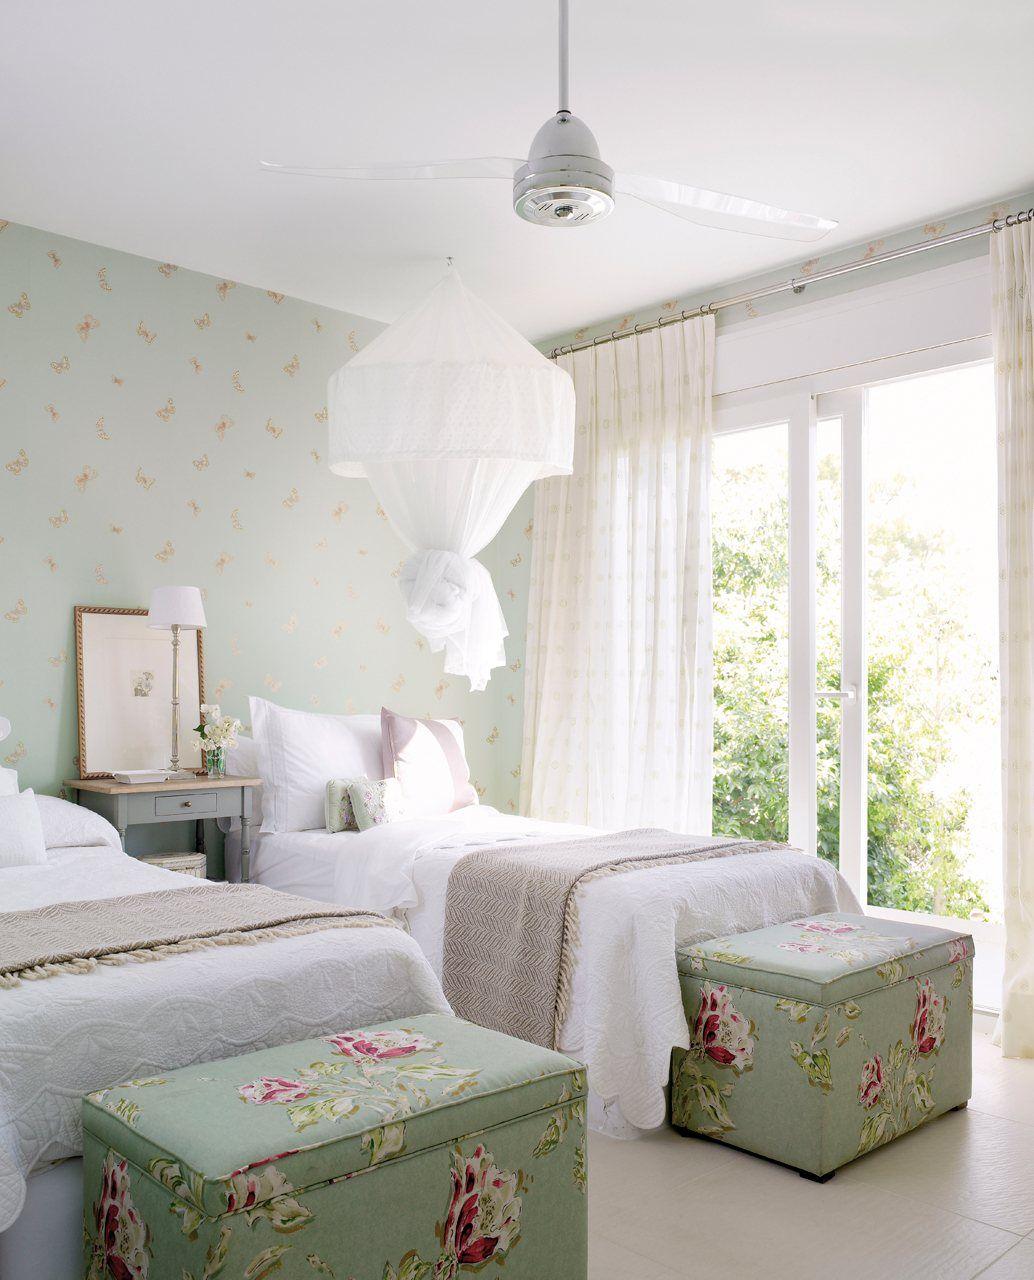 en este dormitorio decorado por casa y campo el verde aguamarina ha servido de